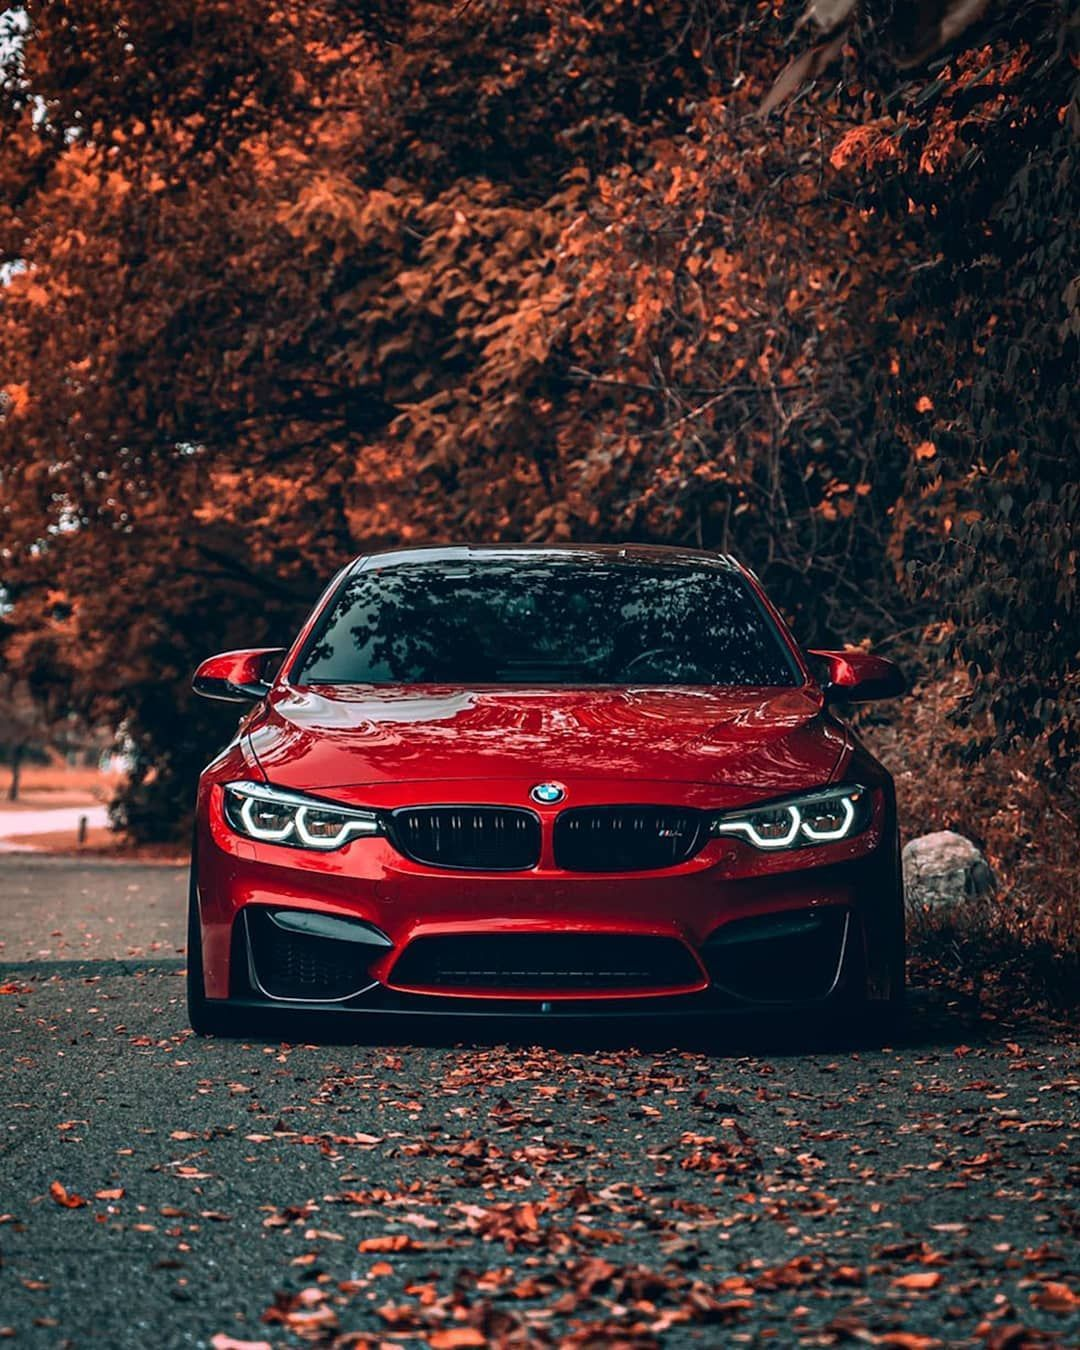 Bmw Offroad Car Bmw Offroad Bmw Luxury Cars Bmw Bmw M4 Coupé